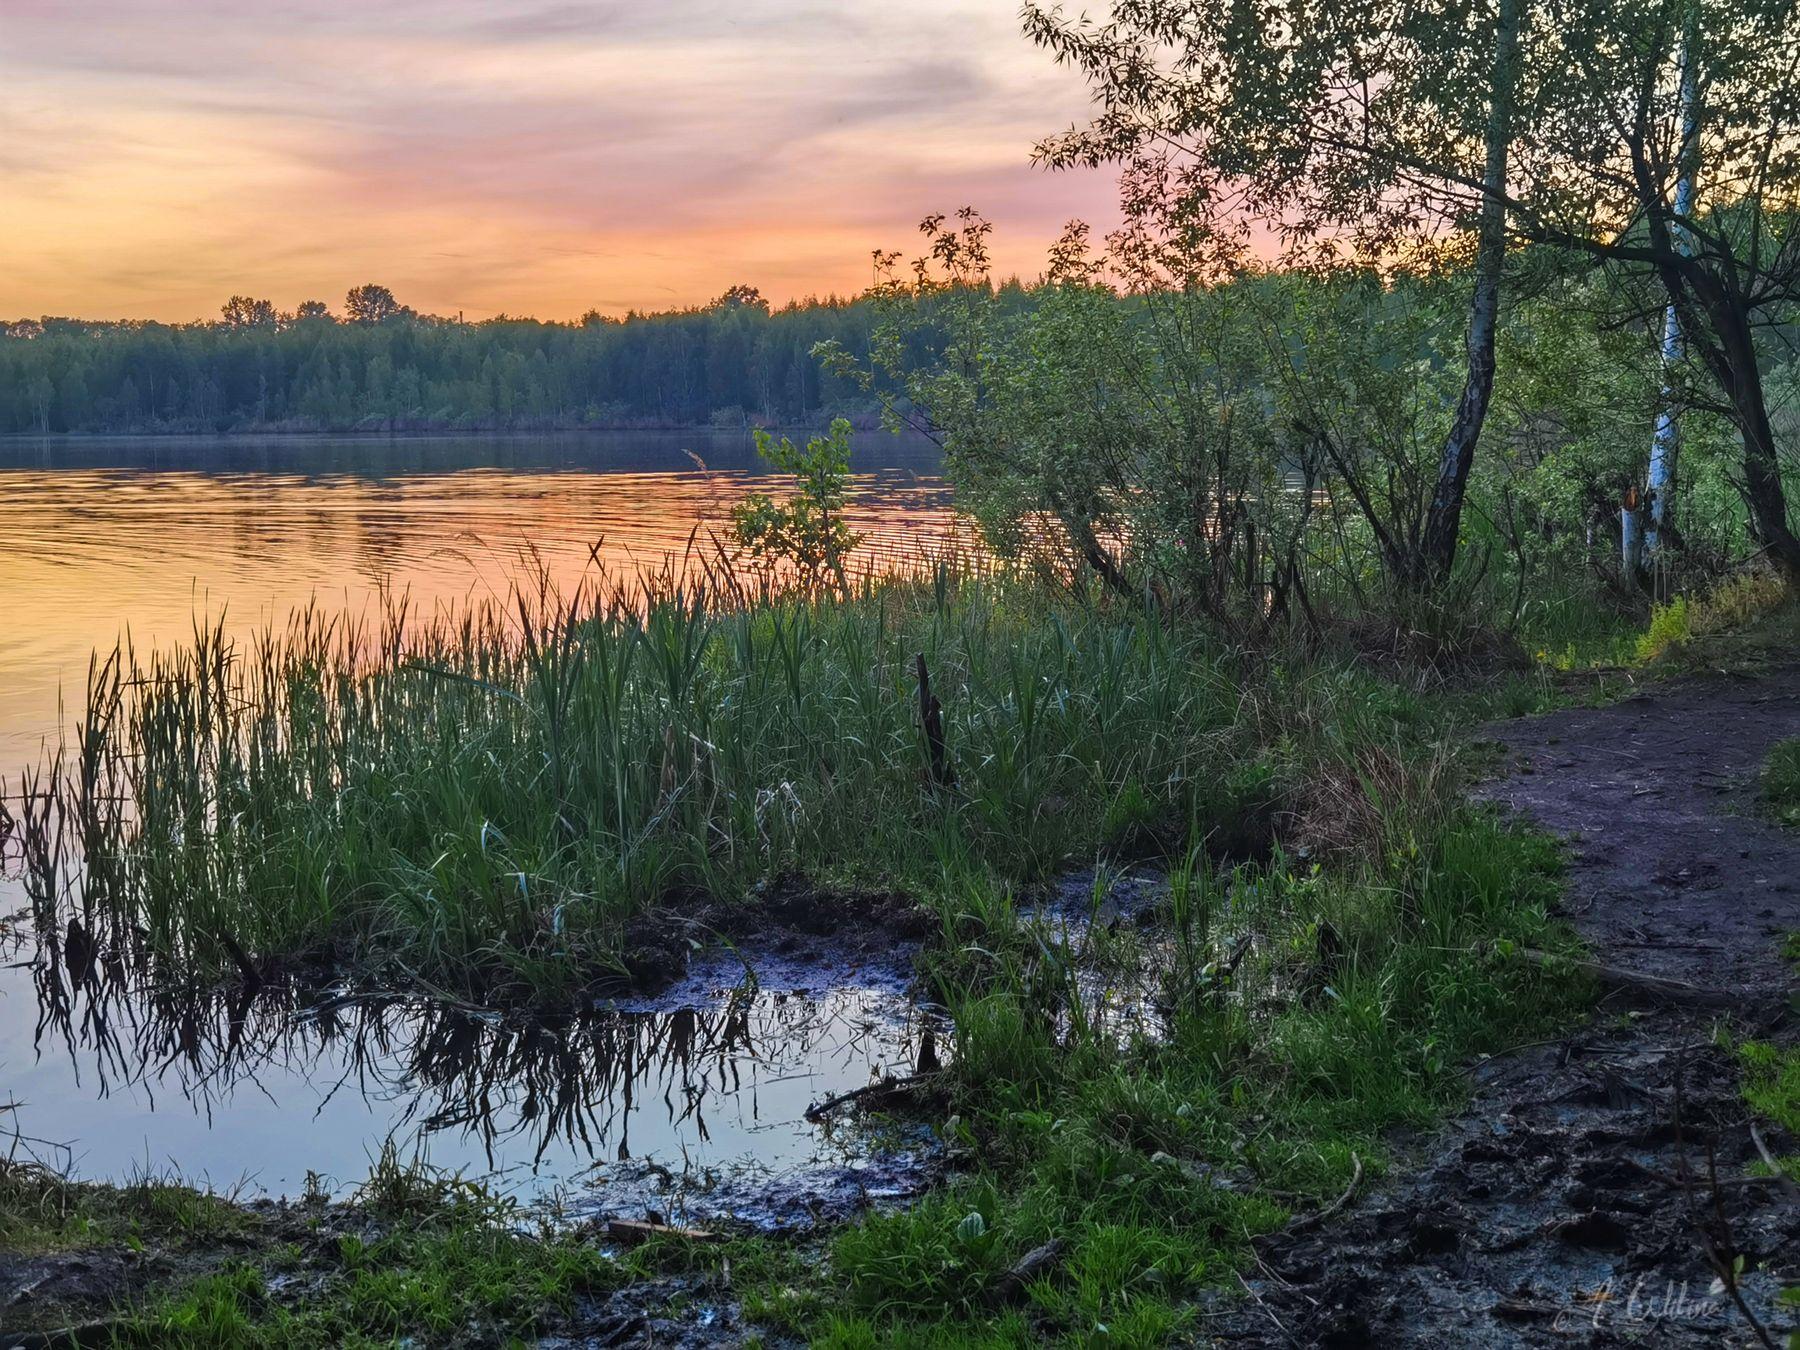 *** озеро вечер закат тучи облака берег трава березы лес тропинка